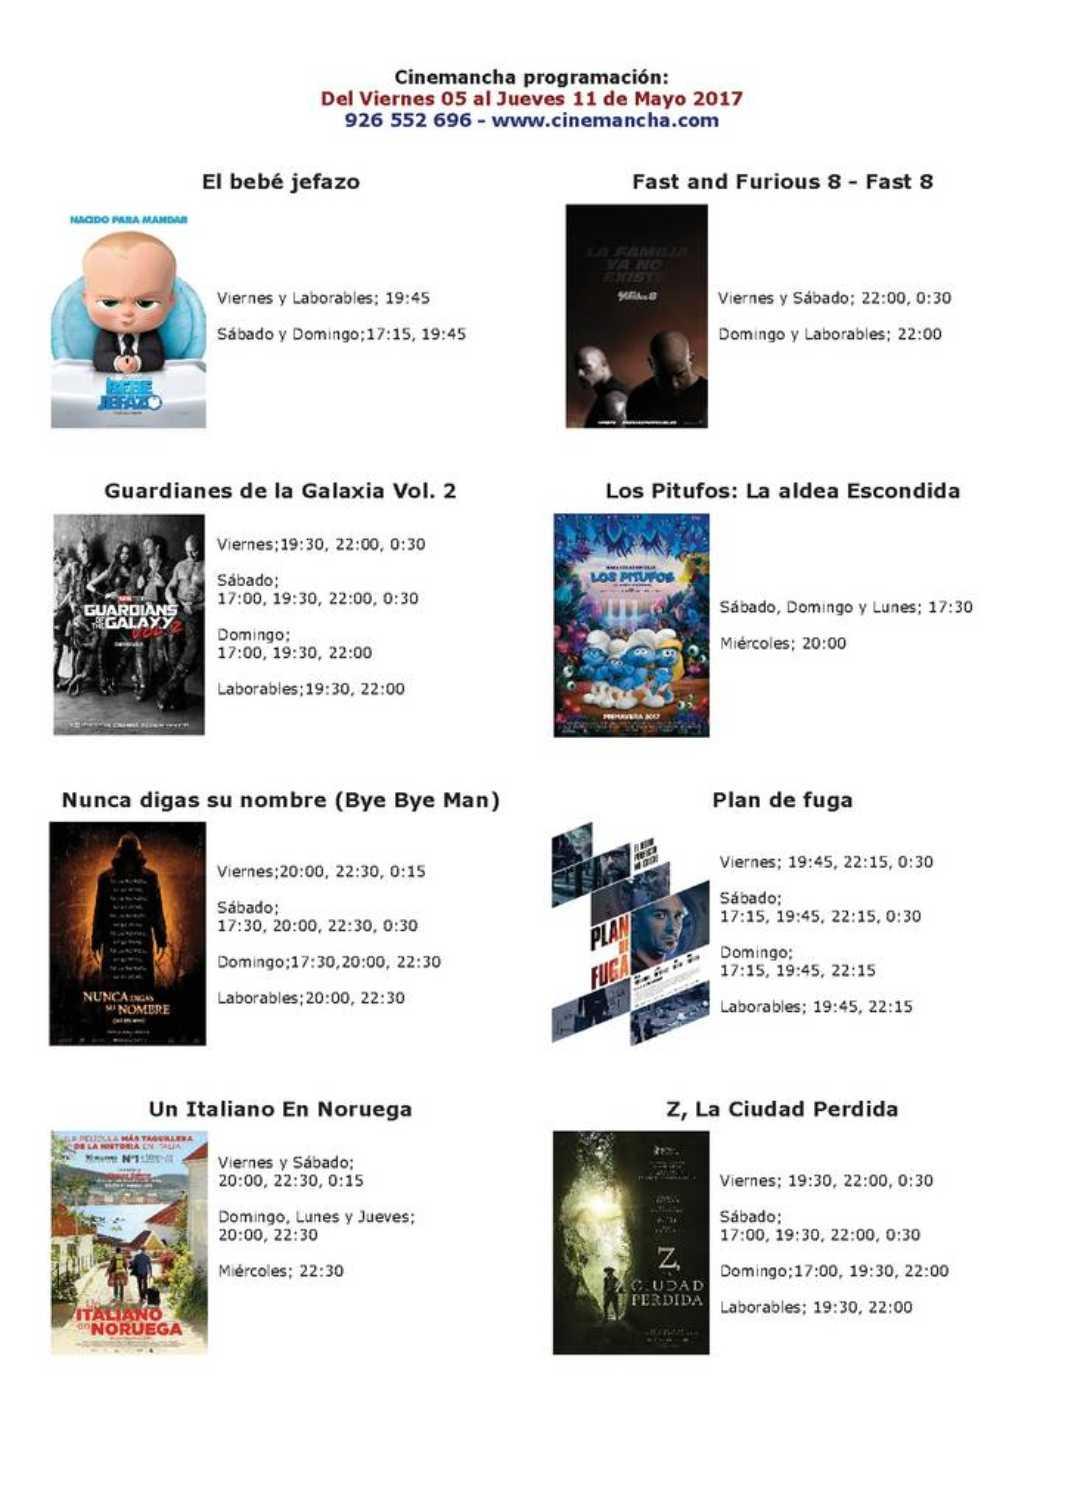 Cartelera Cinemancha del viernes 5 al jueves 11 de mayo 2